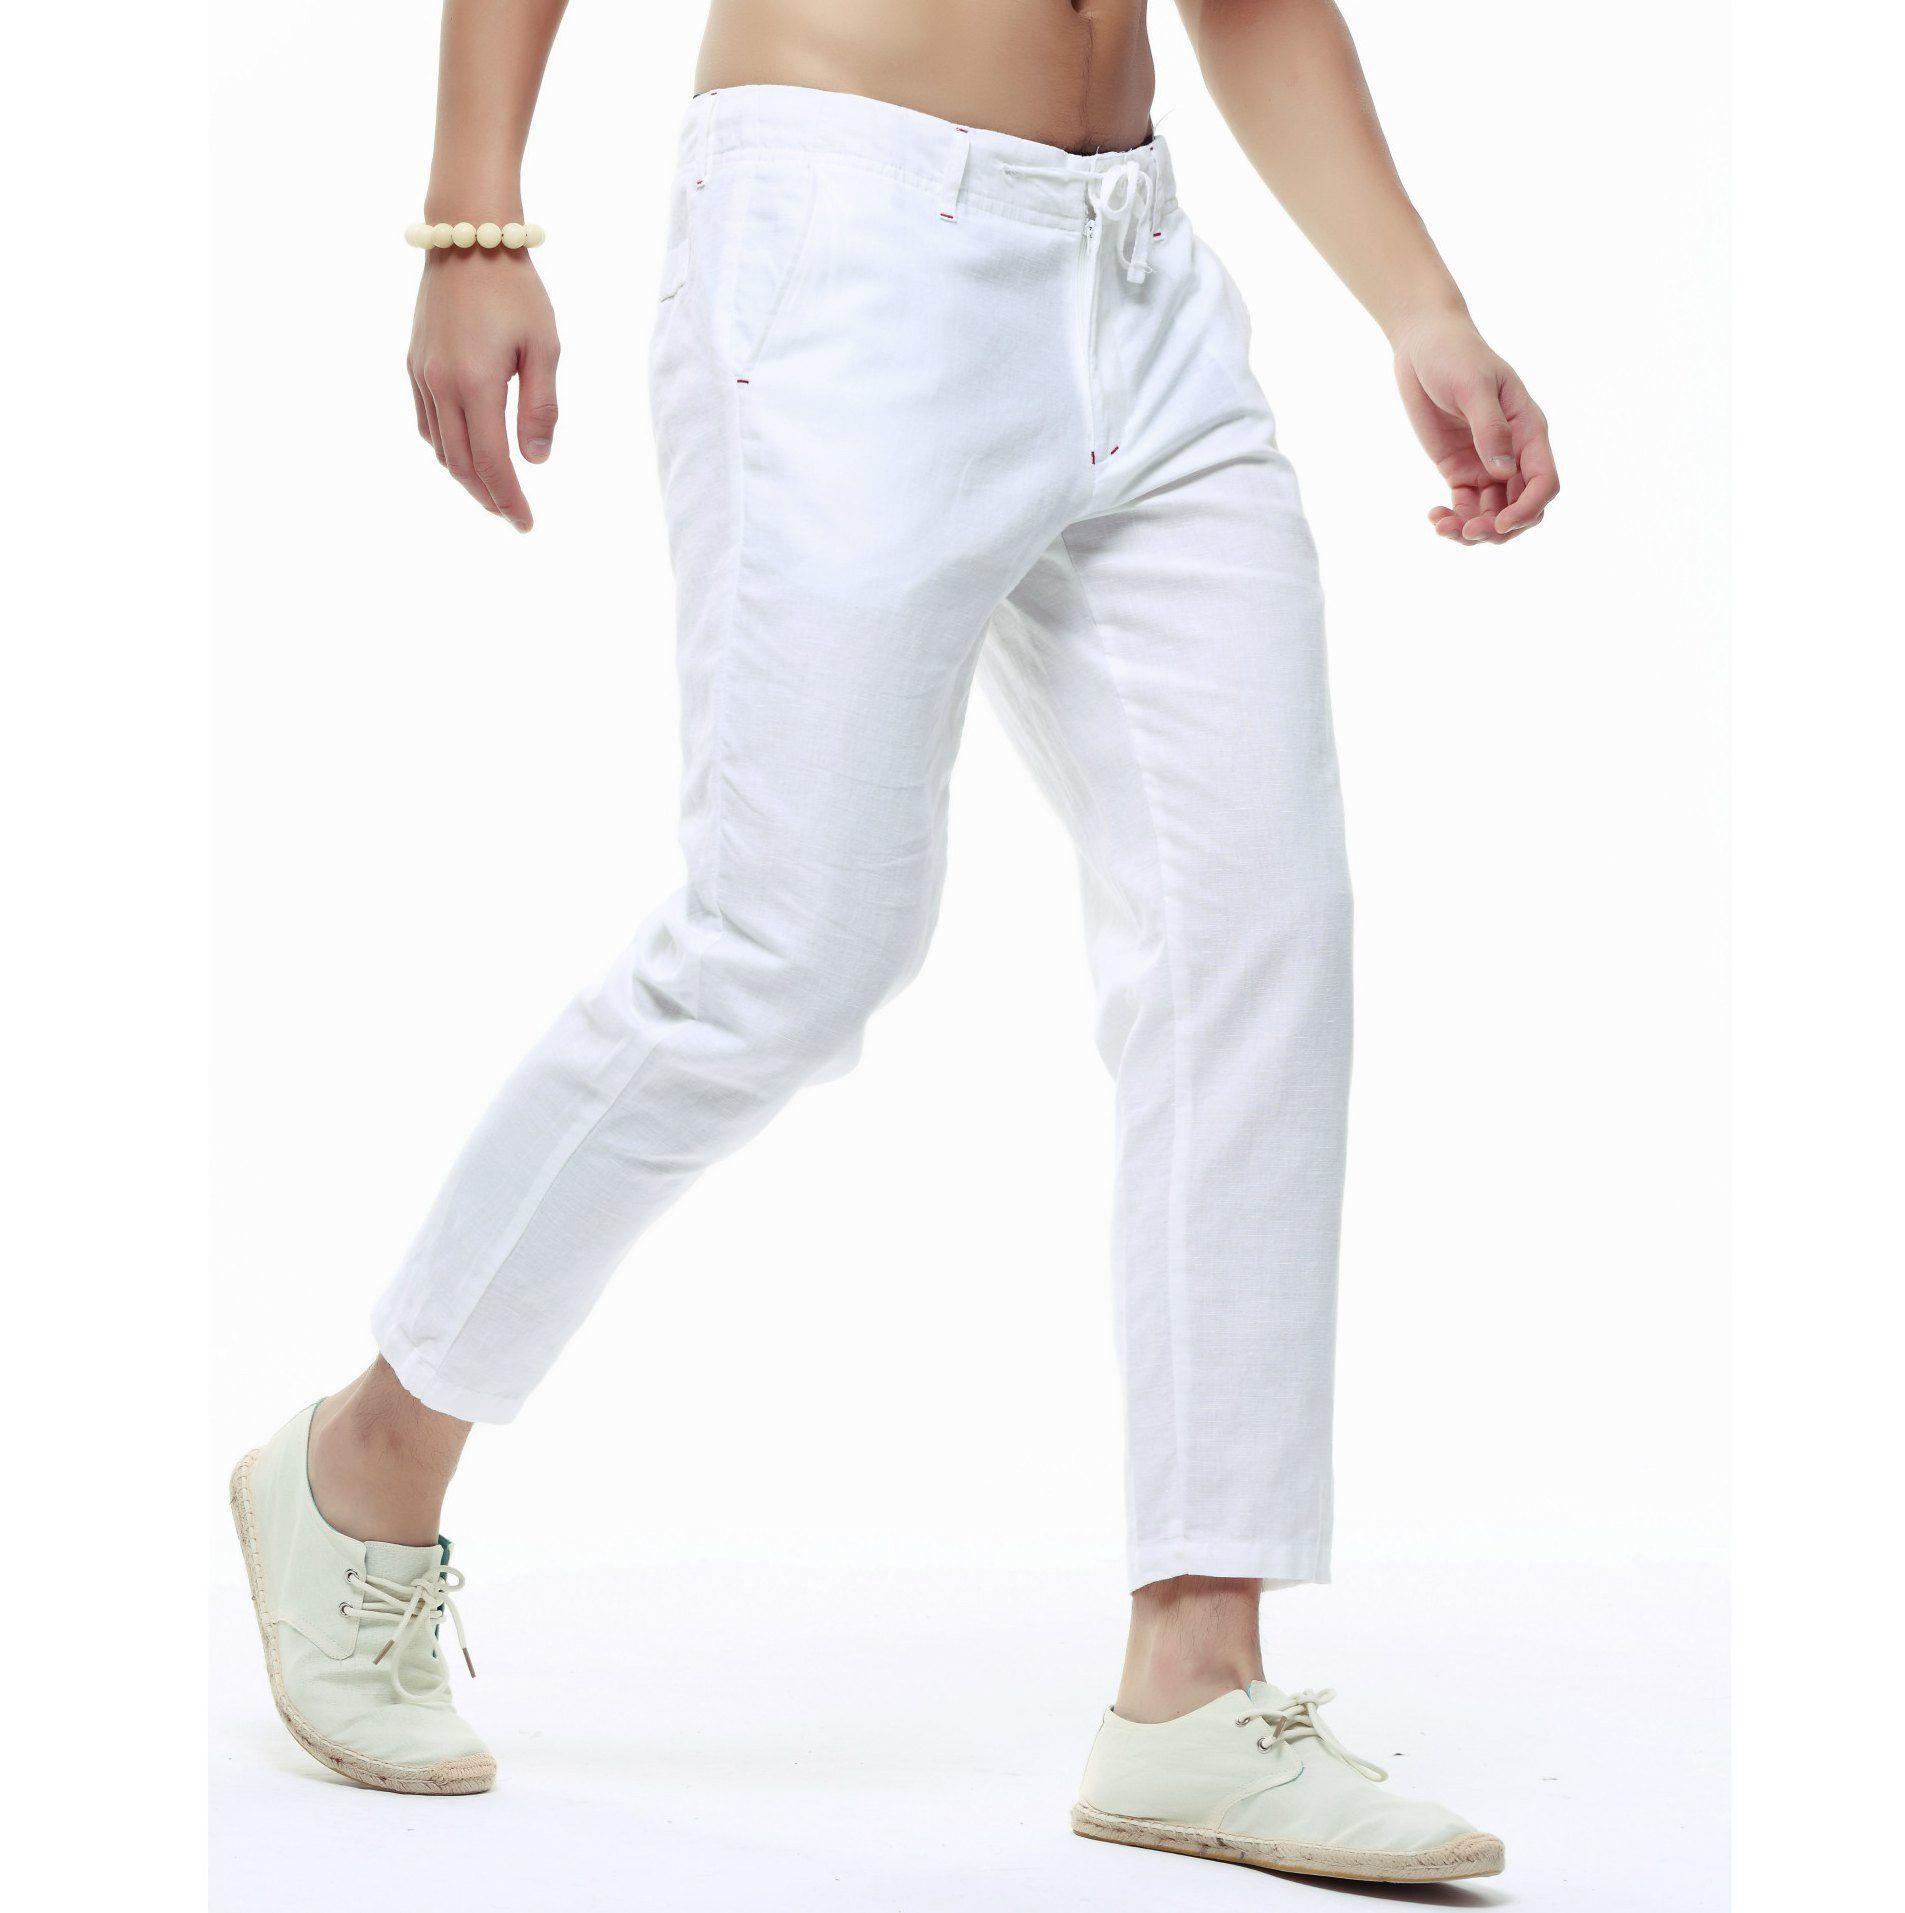 Men's Linen Cotton Capri Pants Lightweight Slim Legs Casual Linen Pants Men Summer Breathable Cotton Pants PT-136